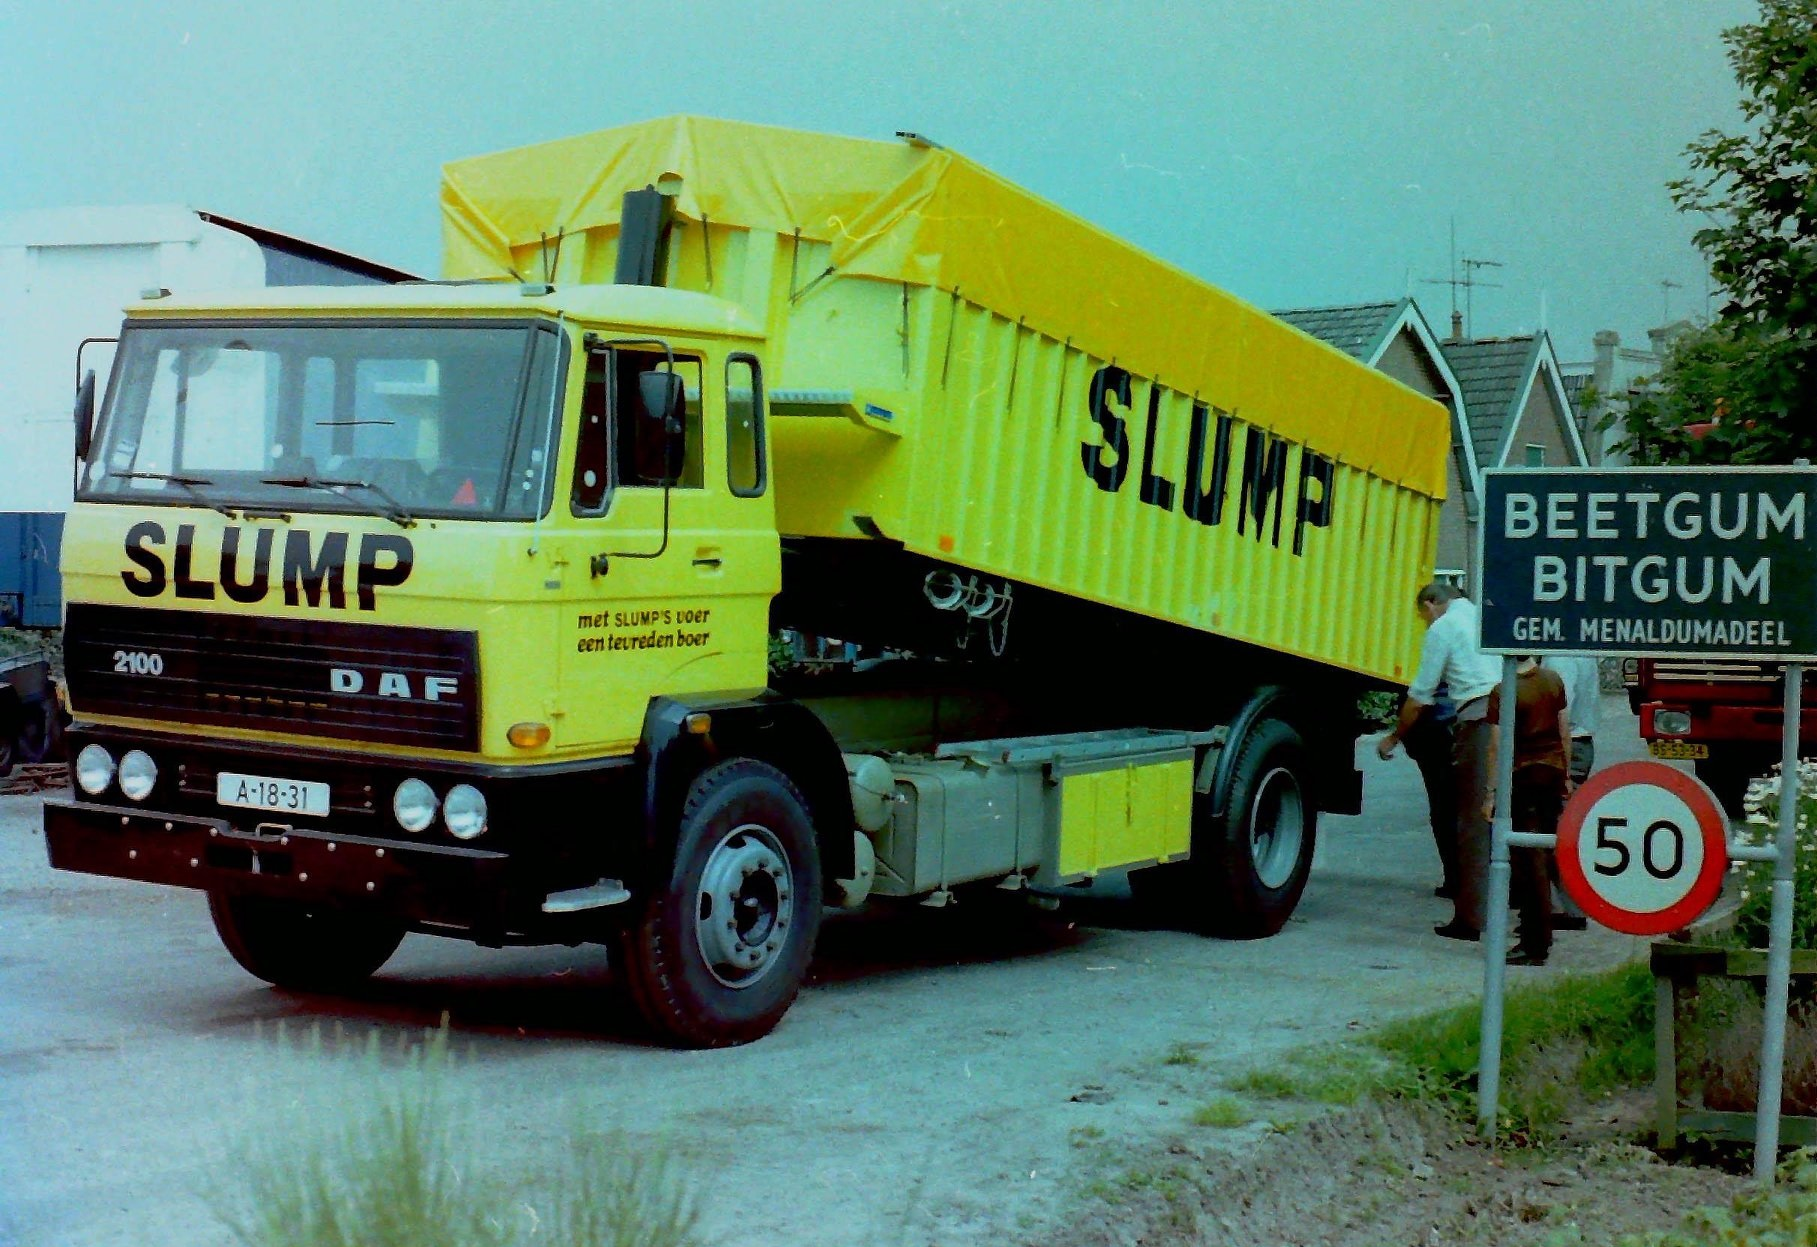 Deze-bulkauto-is-gebouwd-door-Rondaan-voor-veevoederfabriek-Slump-in-Stroobos-1